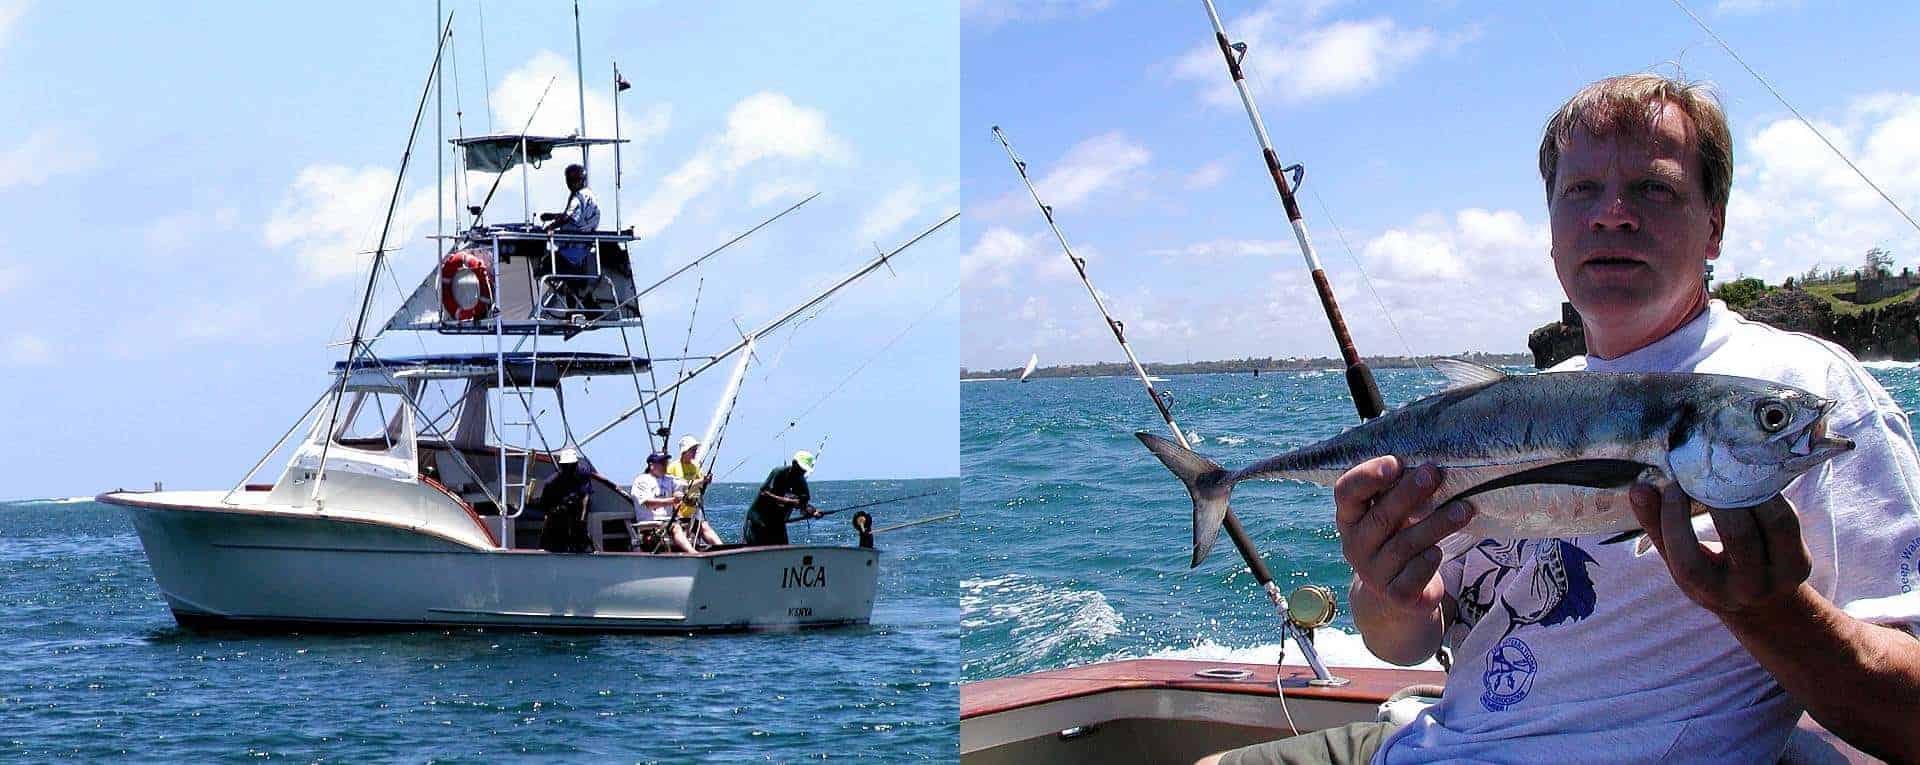 mombasafishing1